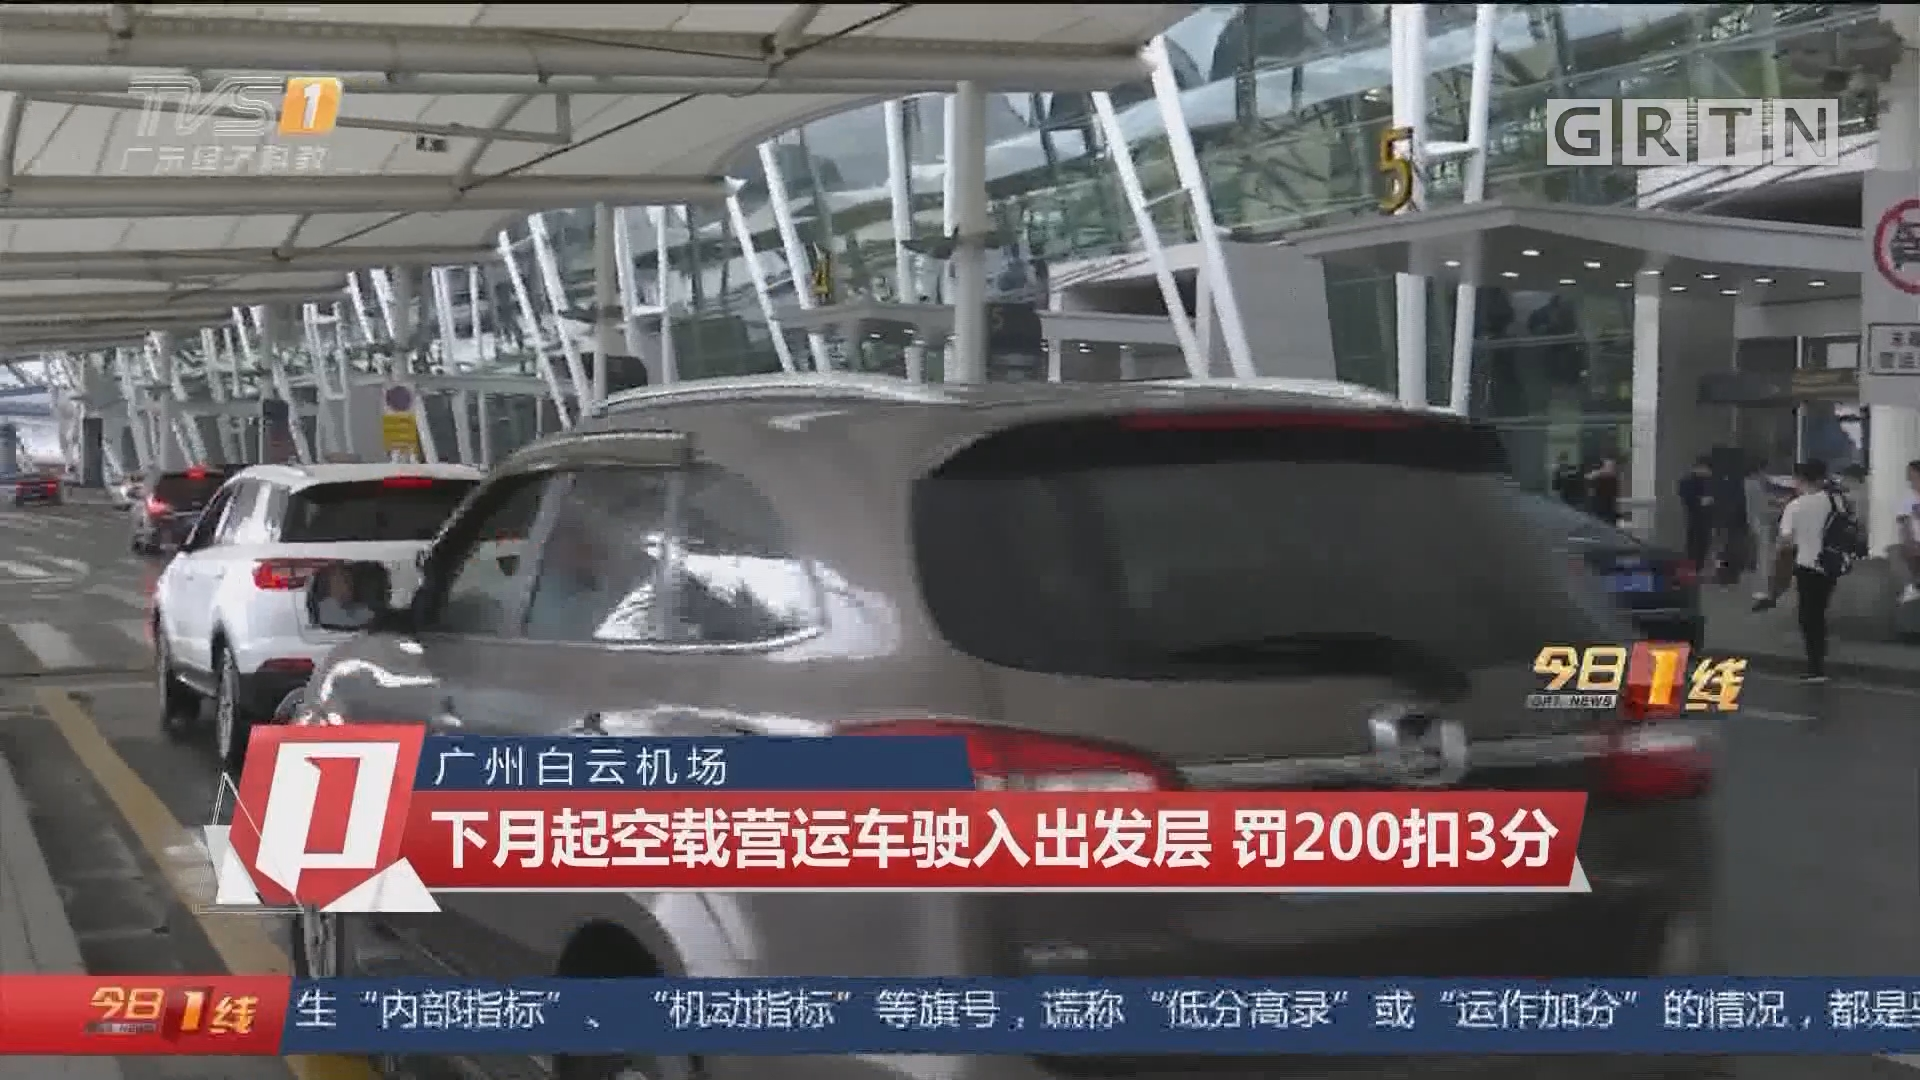 广州白云机场:下月起空载营运车驶入出发层 罚200扣3分